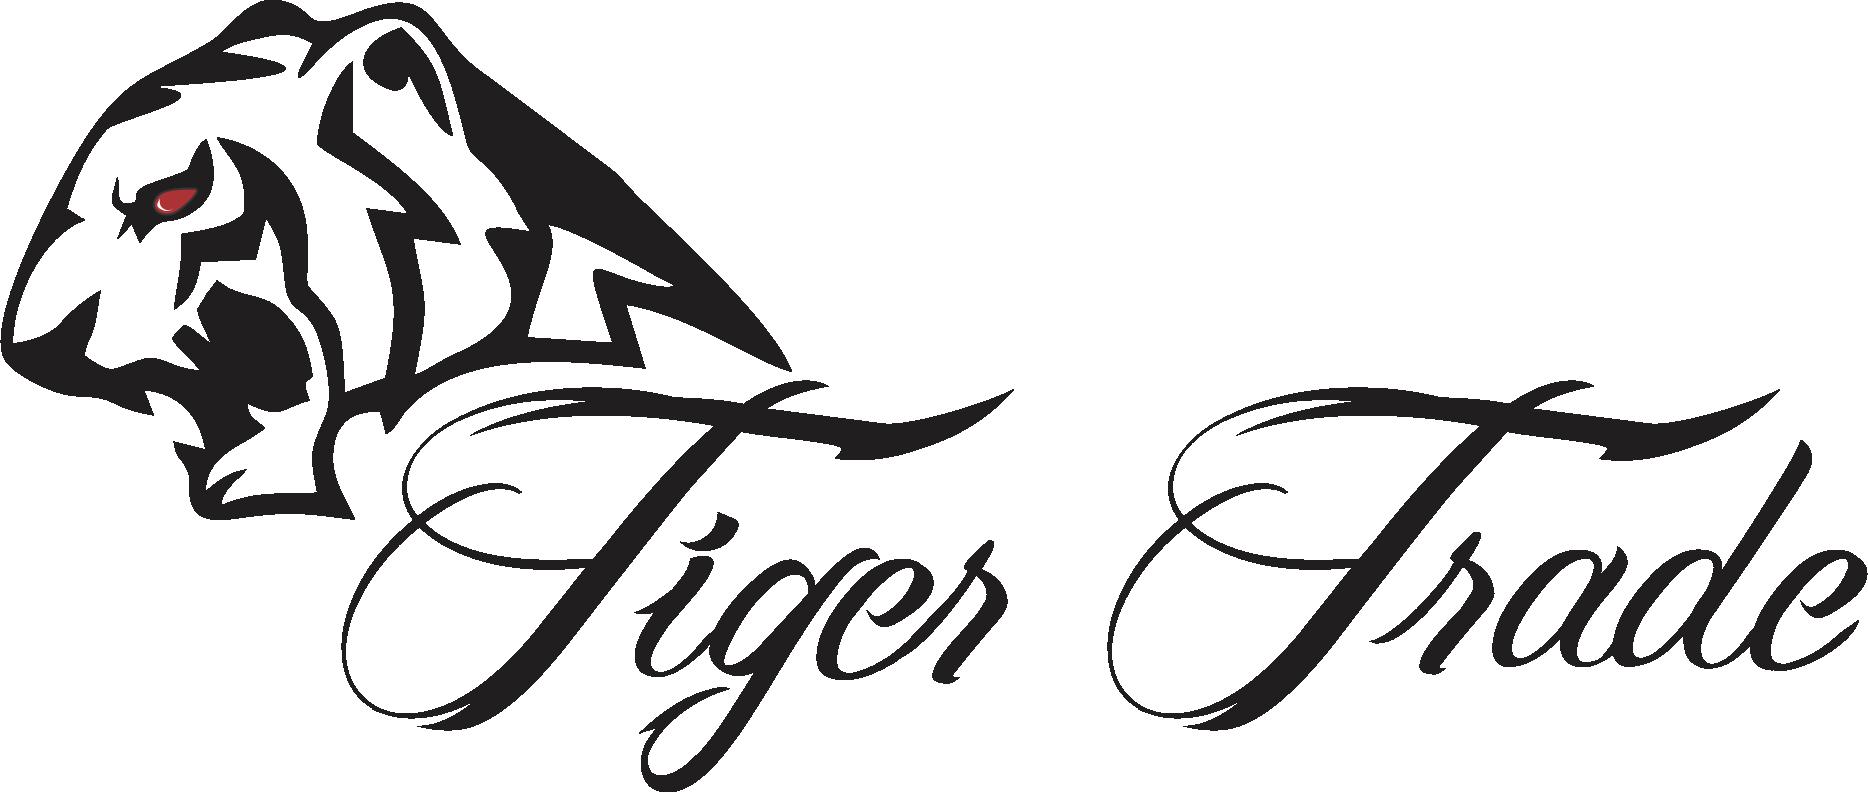 Tiger logo design png